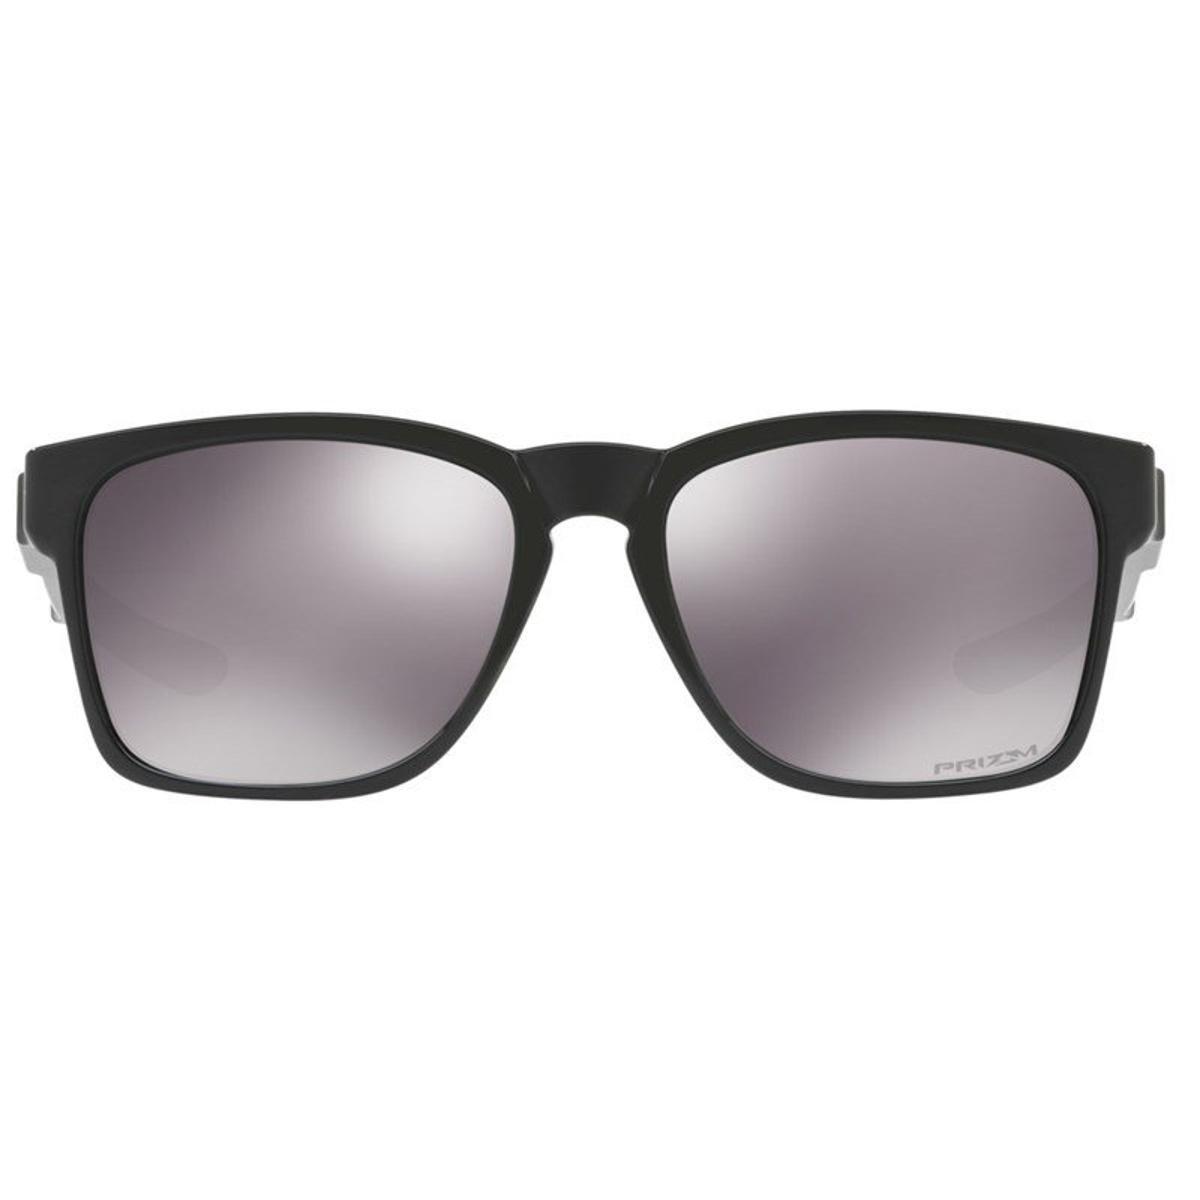 Óculos de Sol Oakley Catalyst Polished Black Priz - Preto - Compre ... f55478fa99